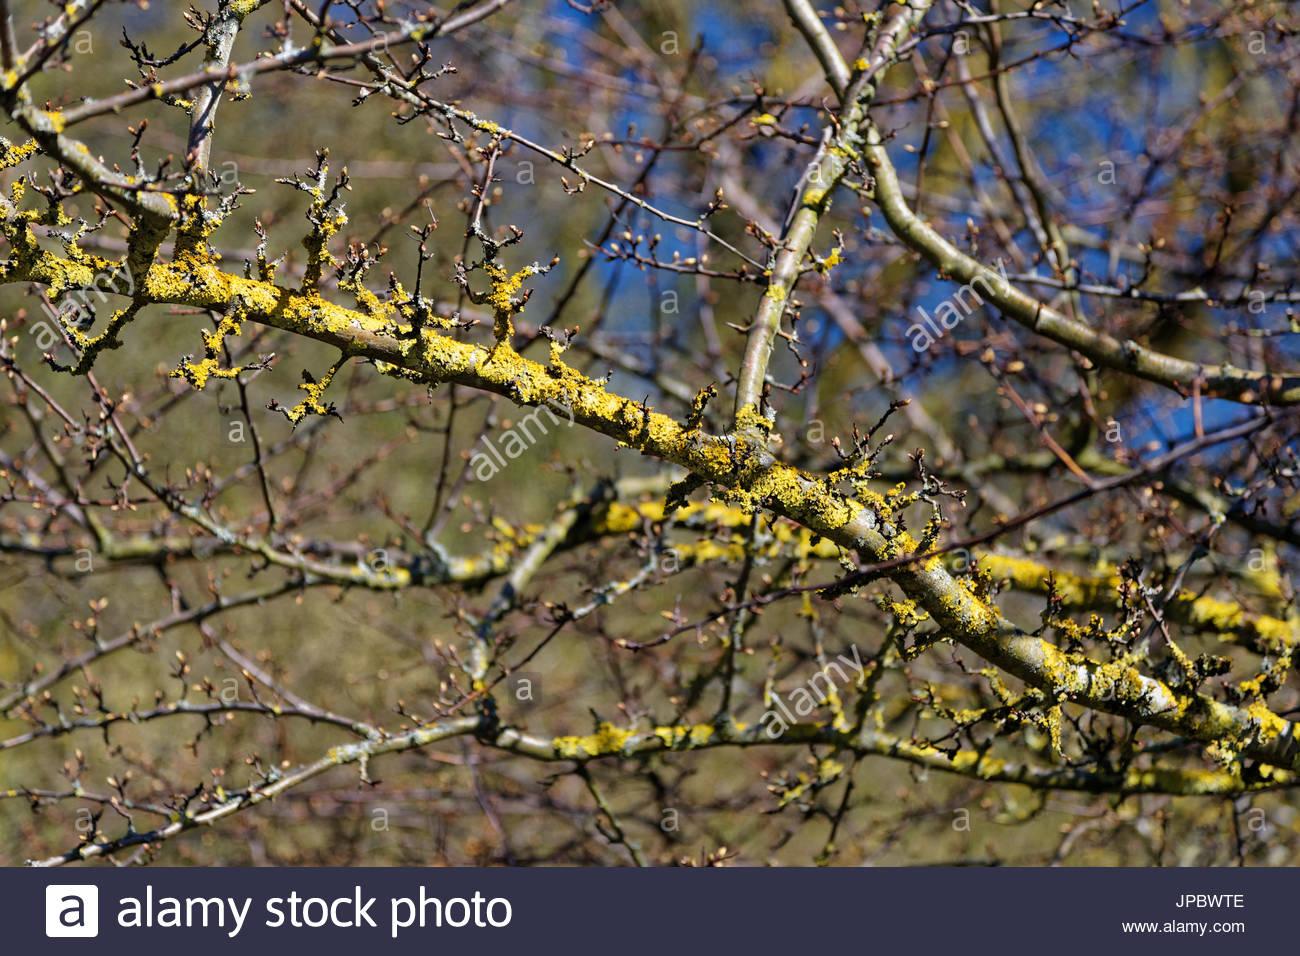 Weißdorn-Zweig mit crustose Flechten areolate Wachstum Pilz Organismus Biologie Ökologie Biotop Natur Eifel Hills Deutschland Stockbild